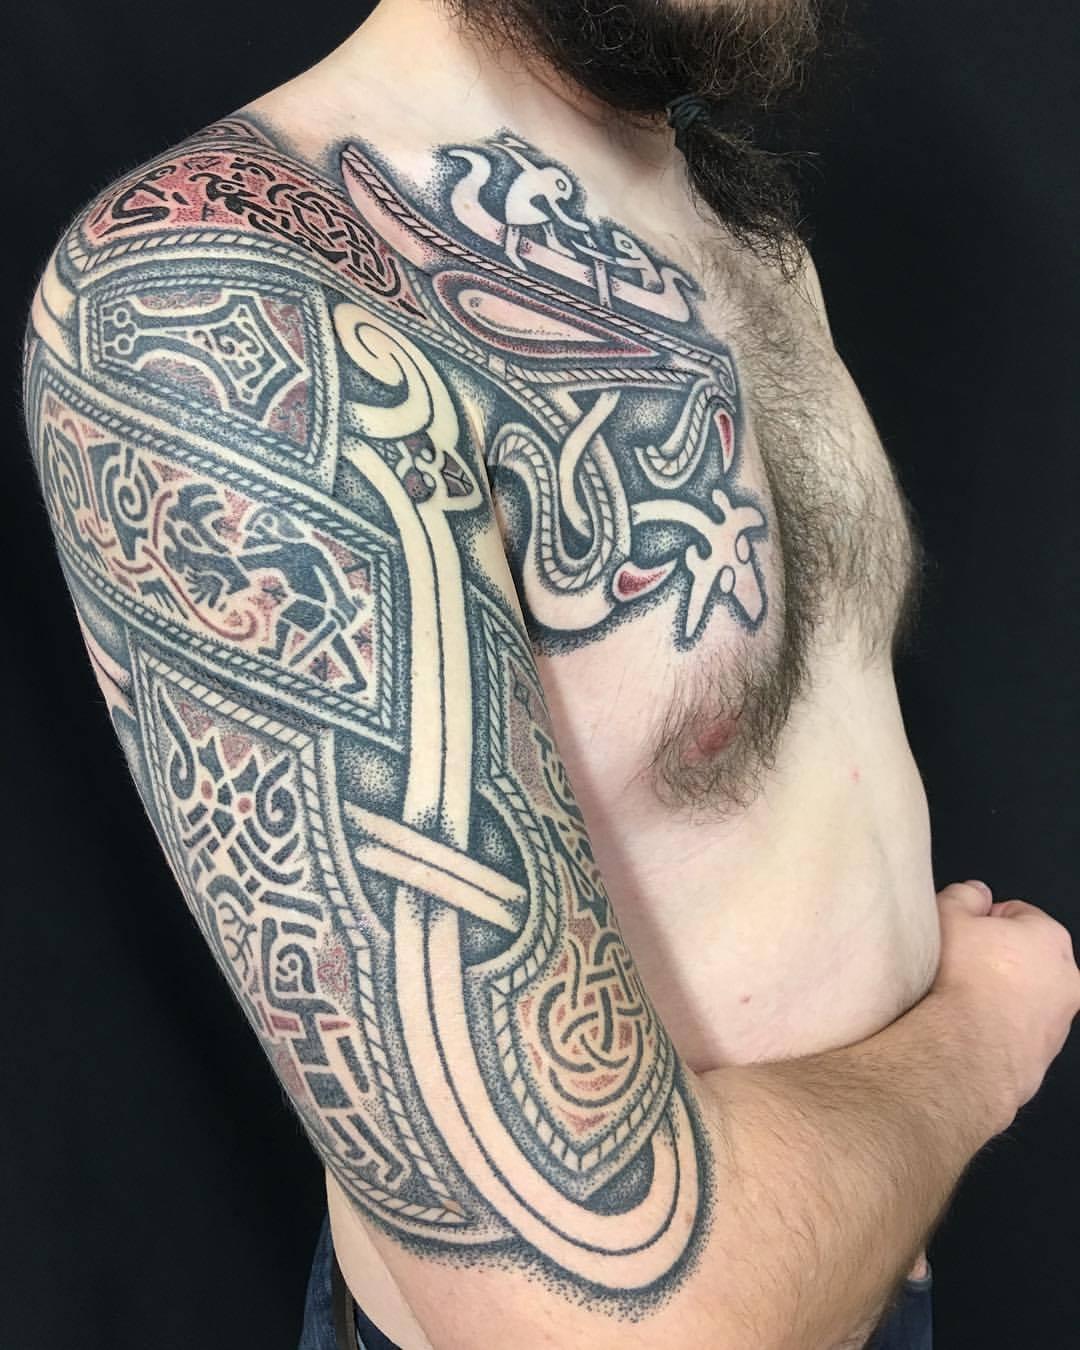 Sacred Knot Tattoo nordic tattoo viking tattoo anglo saxon tattoo